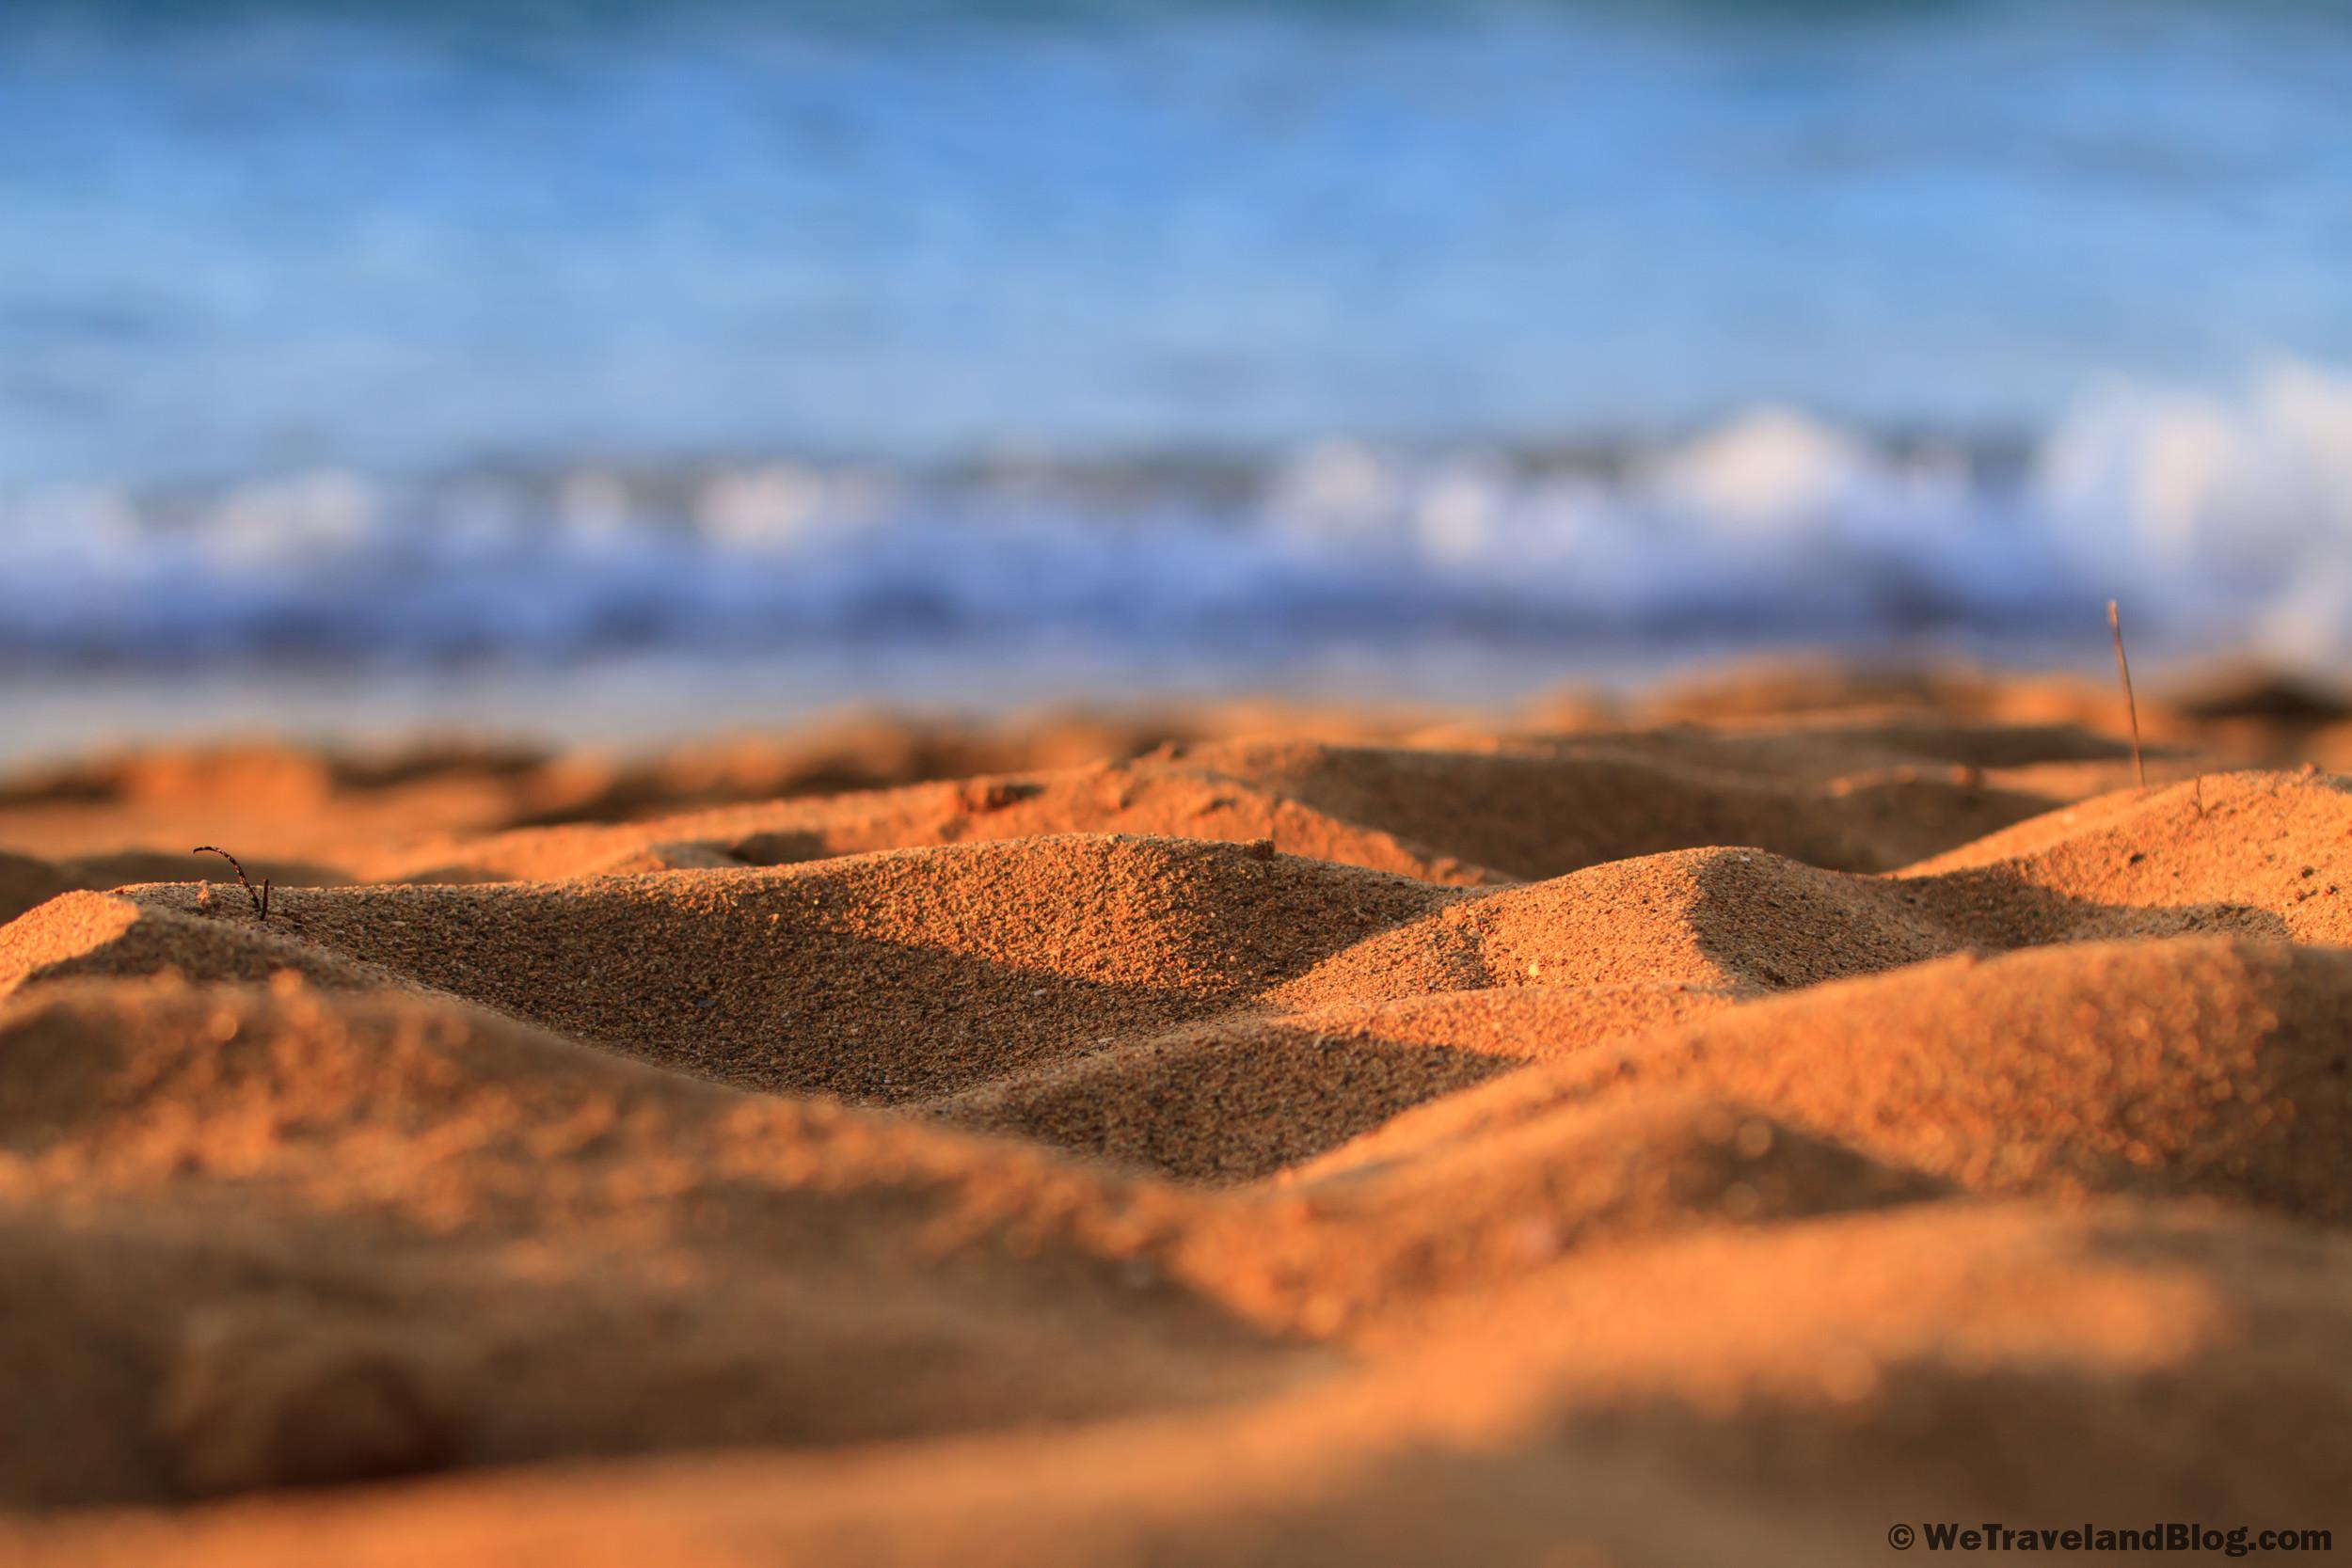 Res: 2500x1667, sand, sandy, beach, ocean, sand dunes